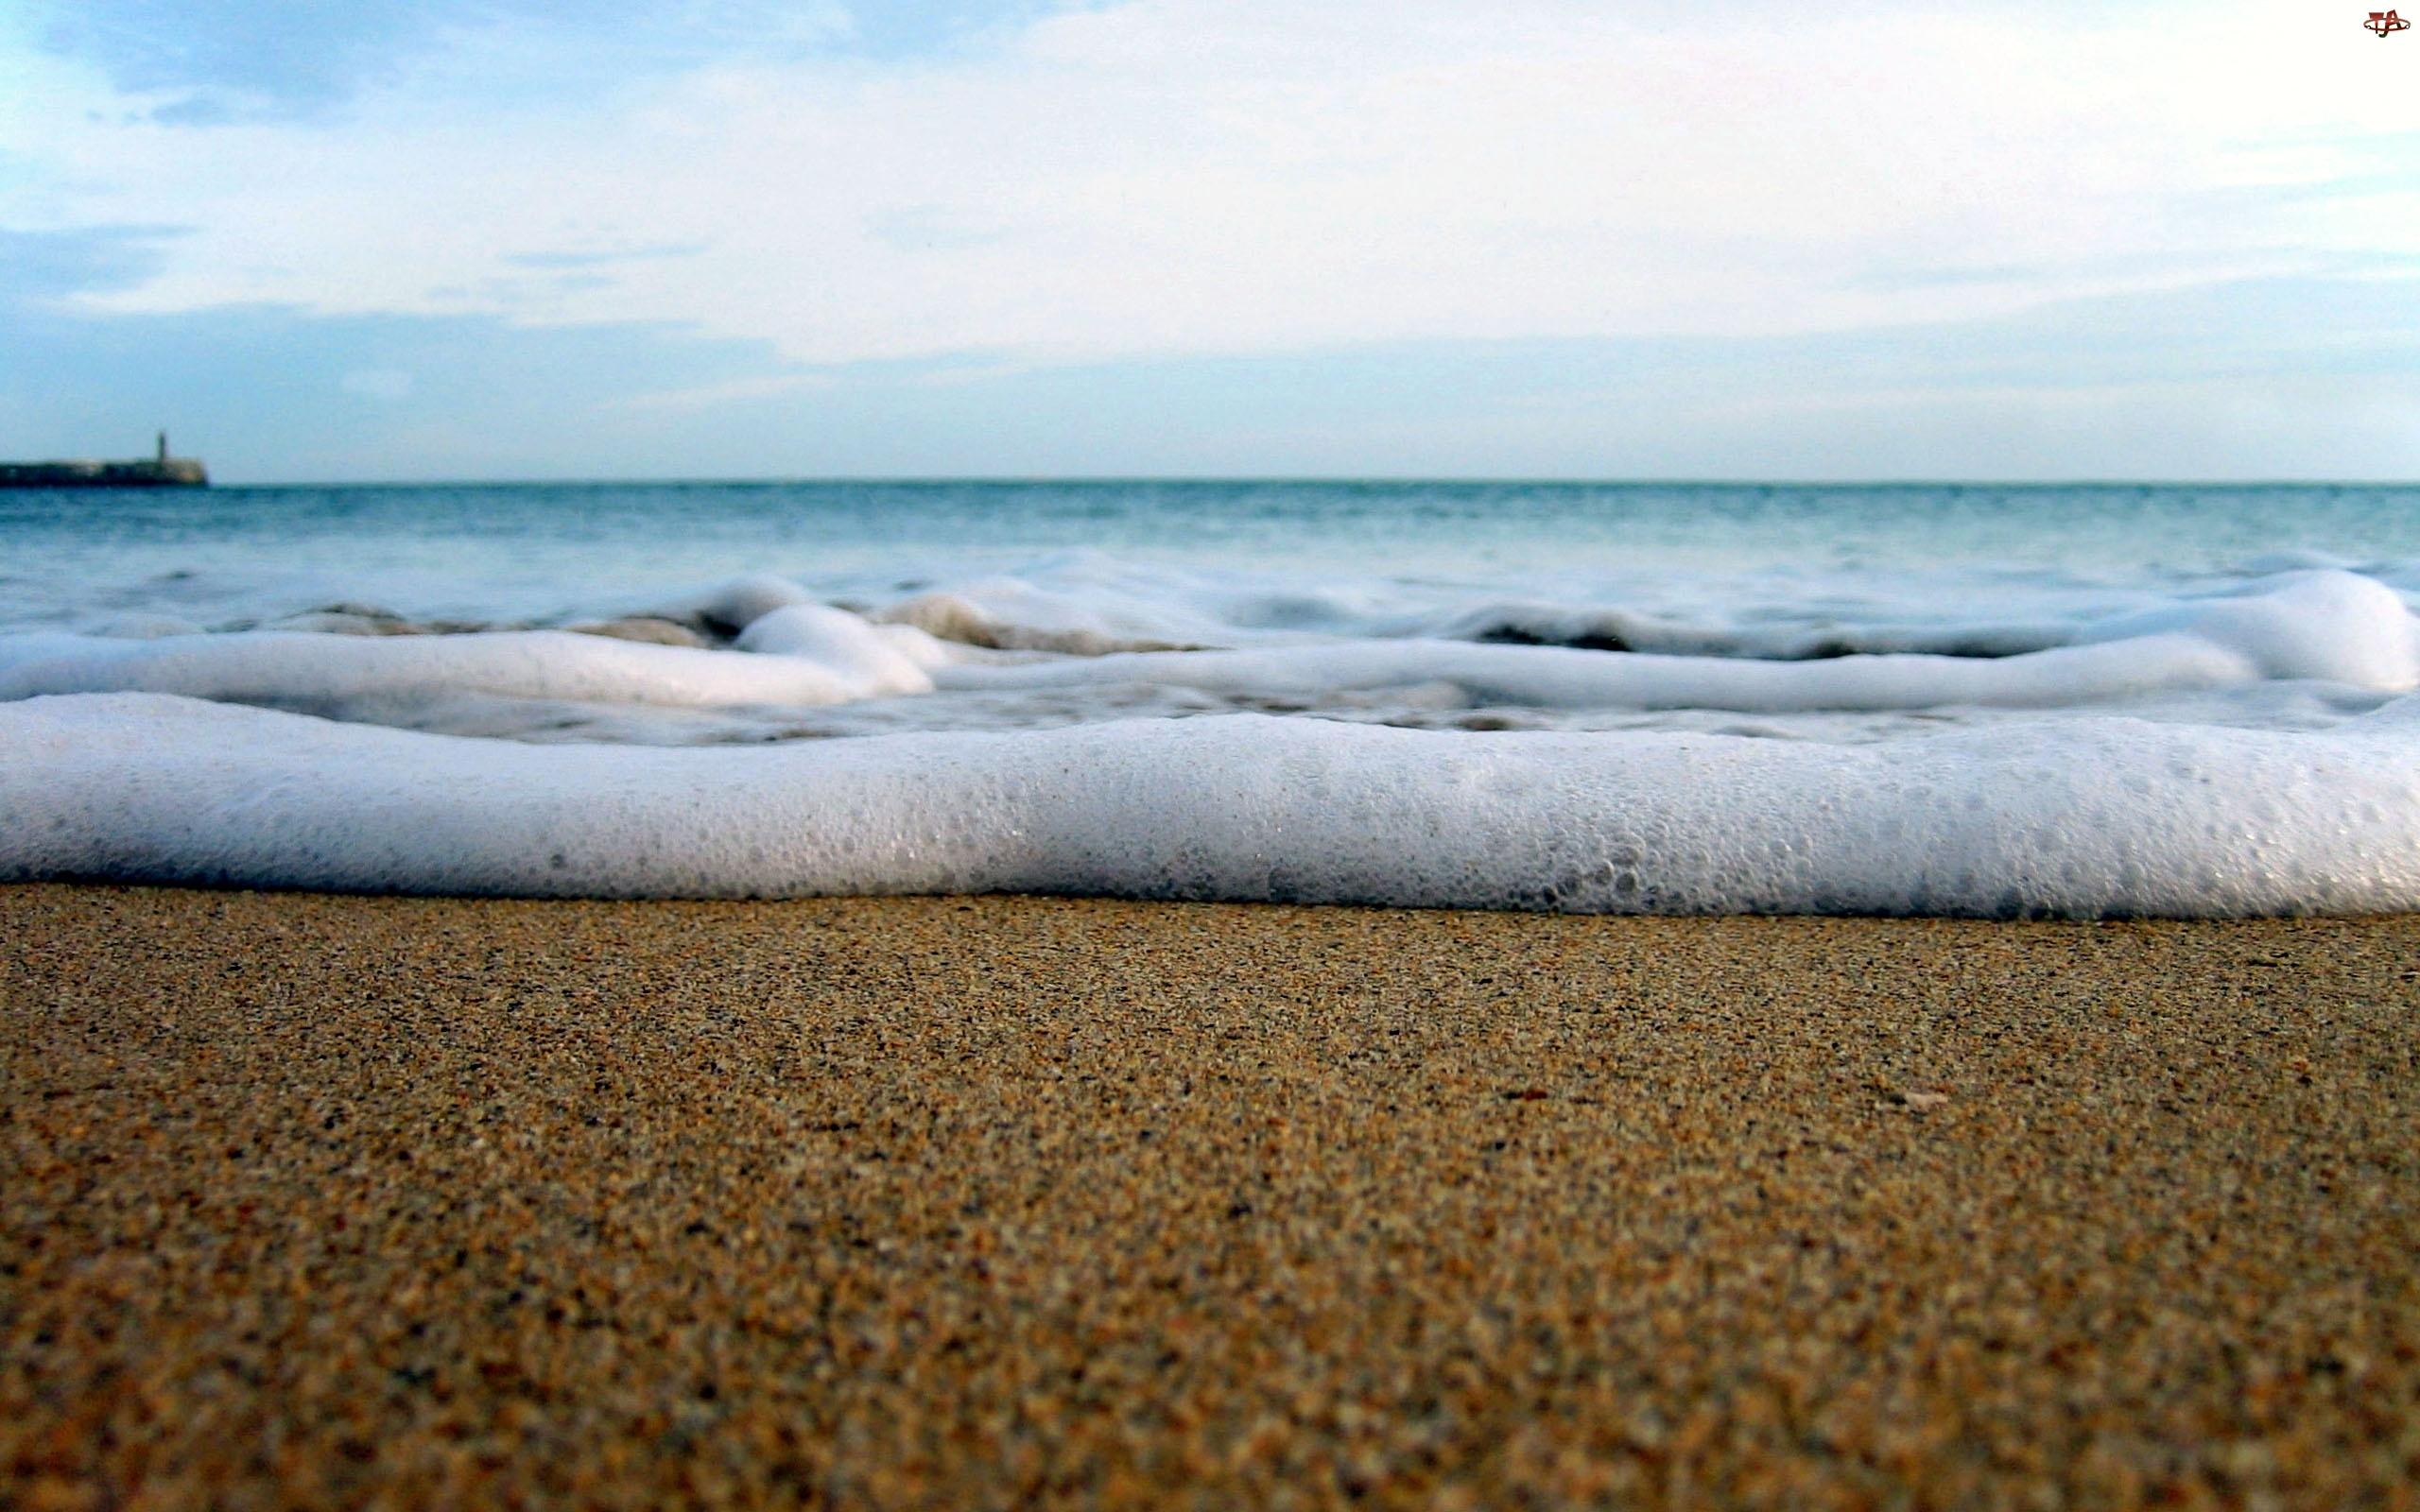 Plaża, Fala, Morze, Spieniona